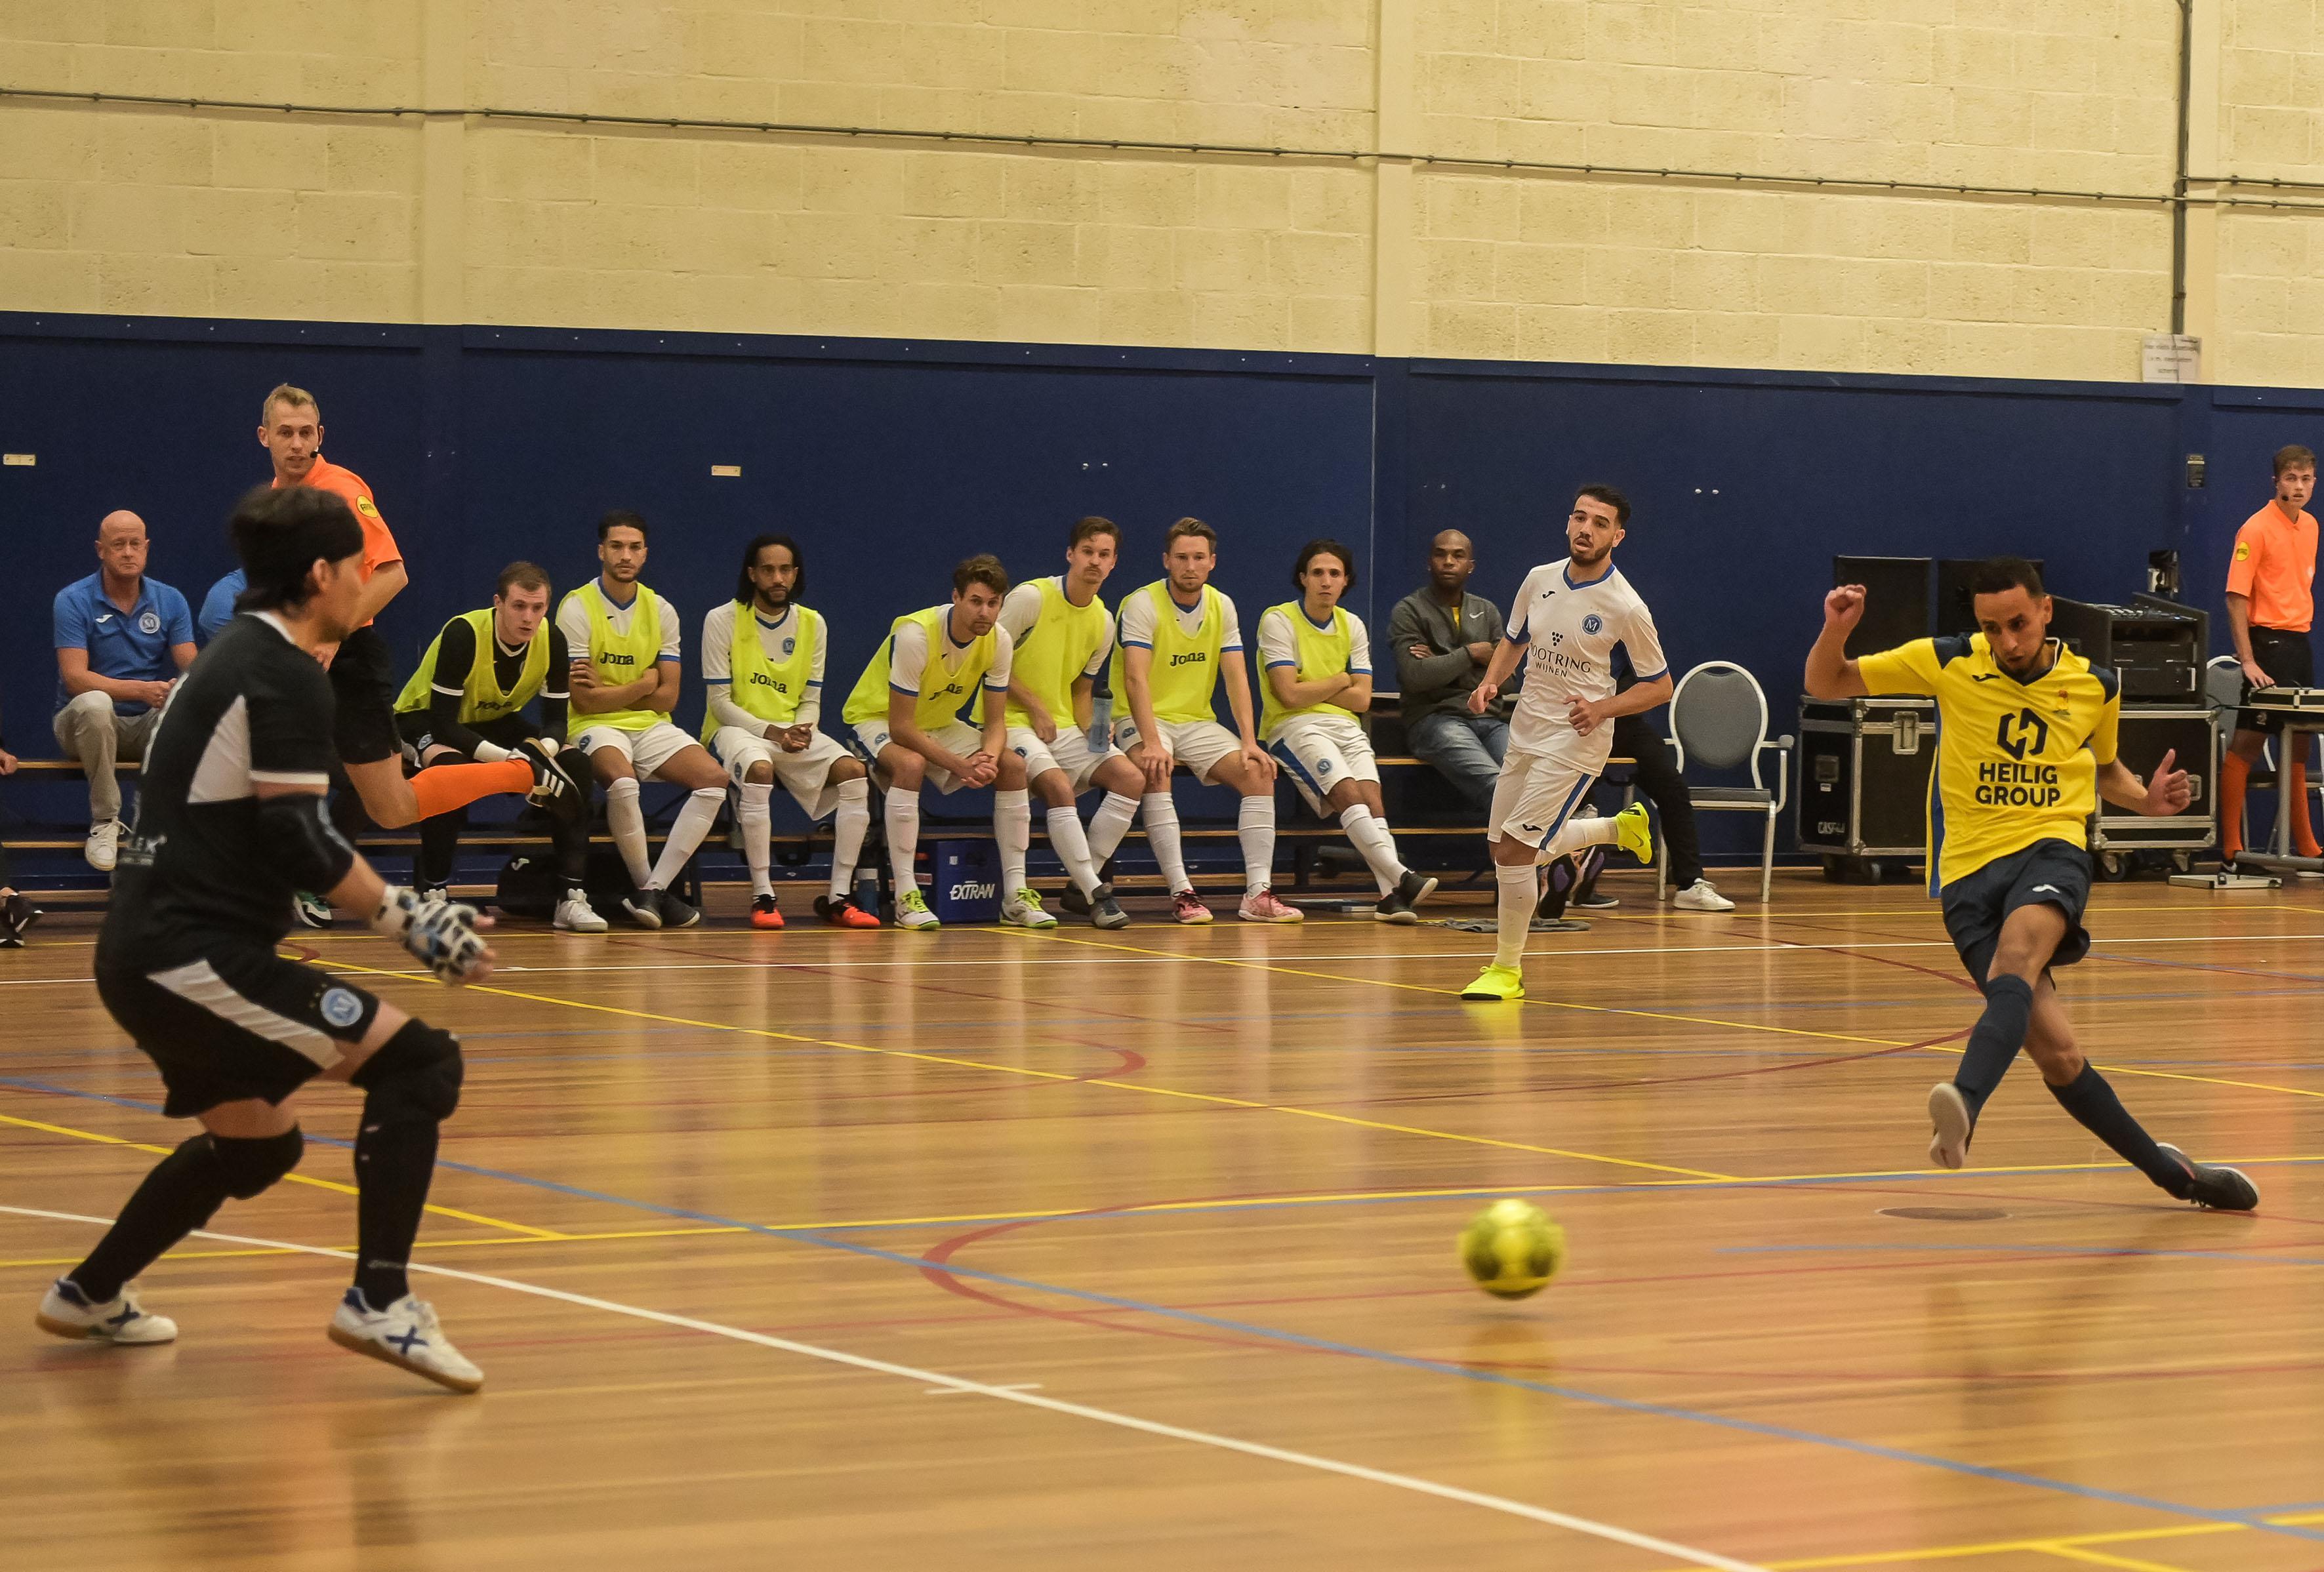 Terugblik: Geen ploeg in de eredivisie zaalvoetbal is zo trefzeker als Veerhuys